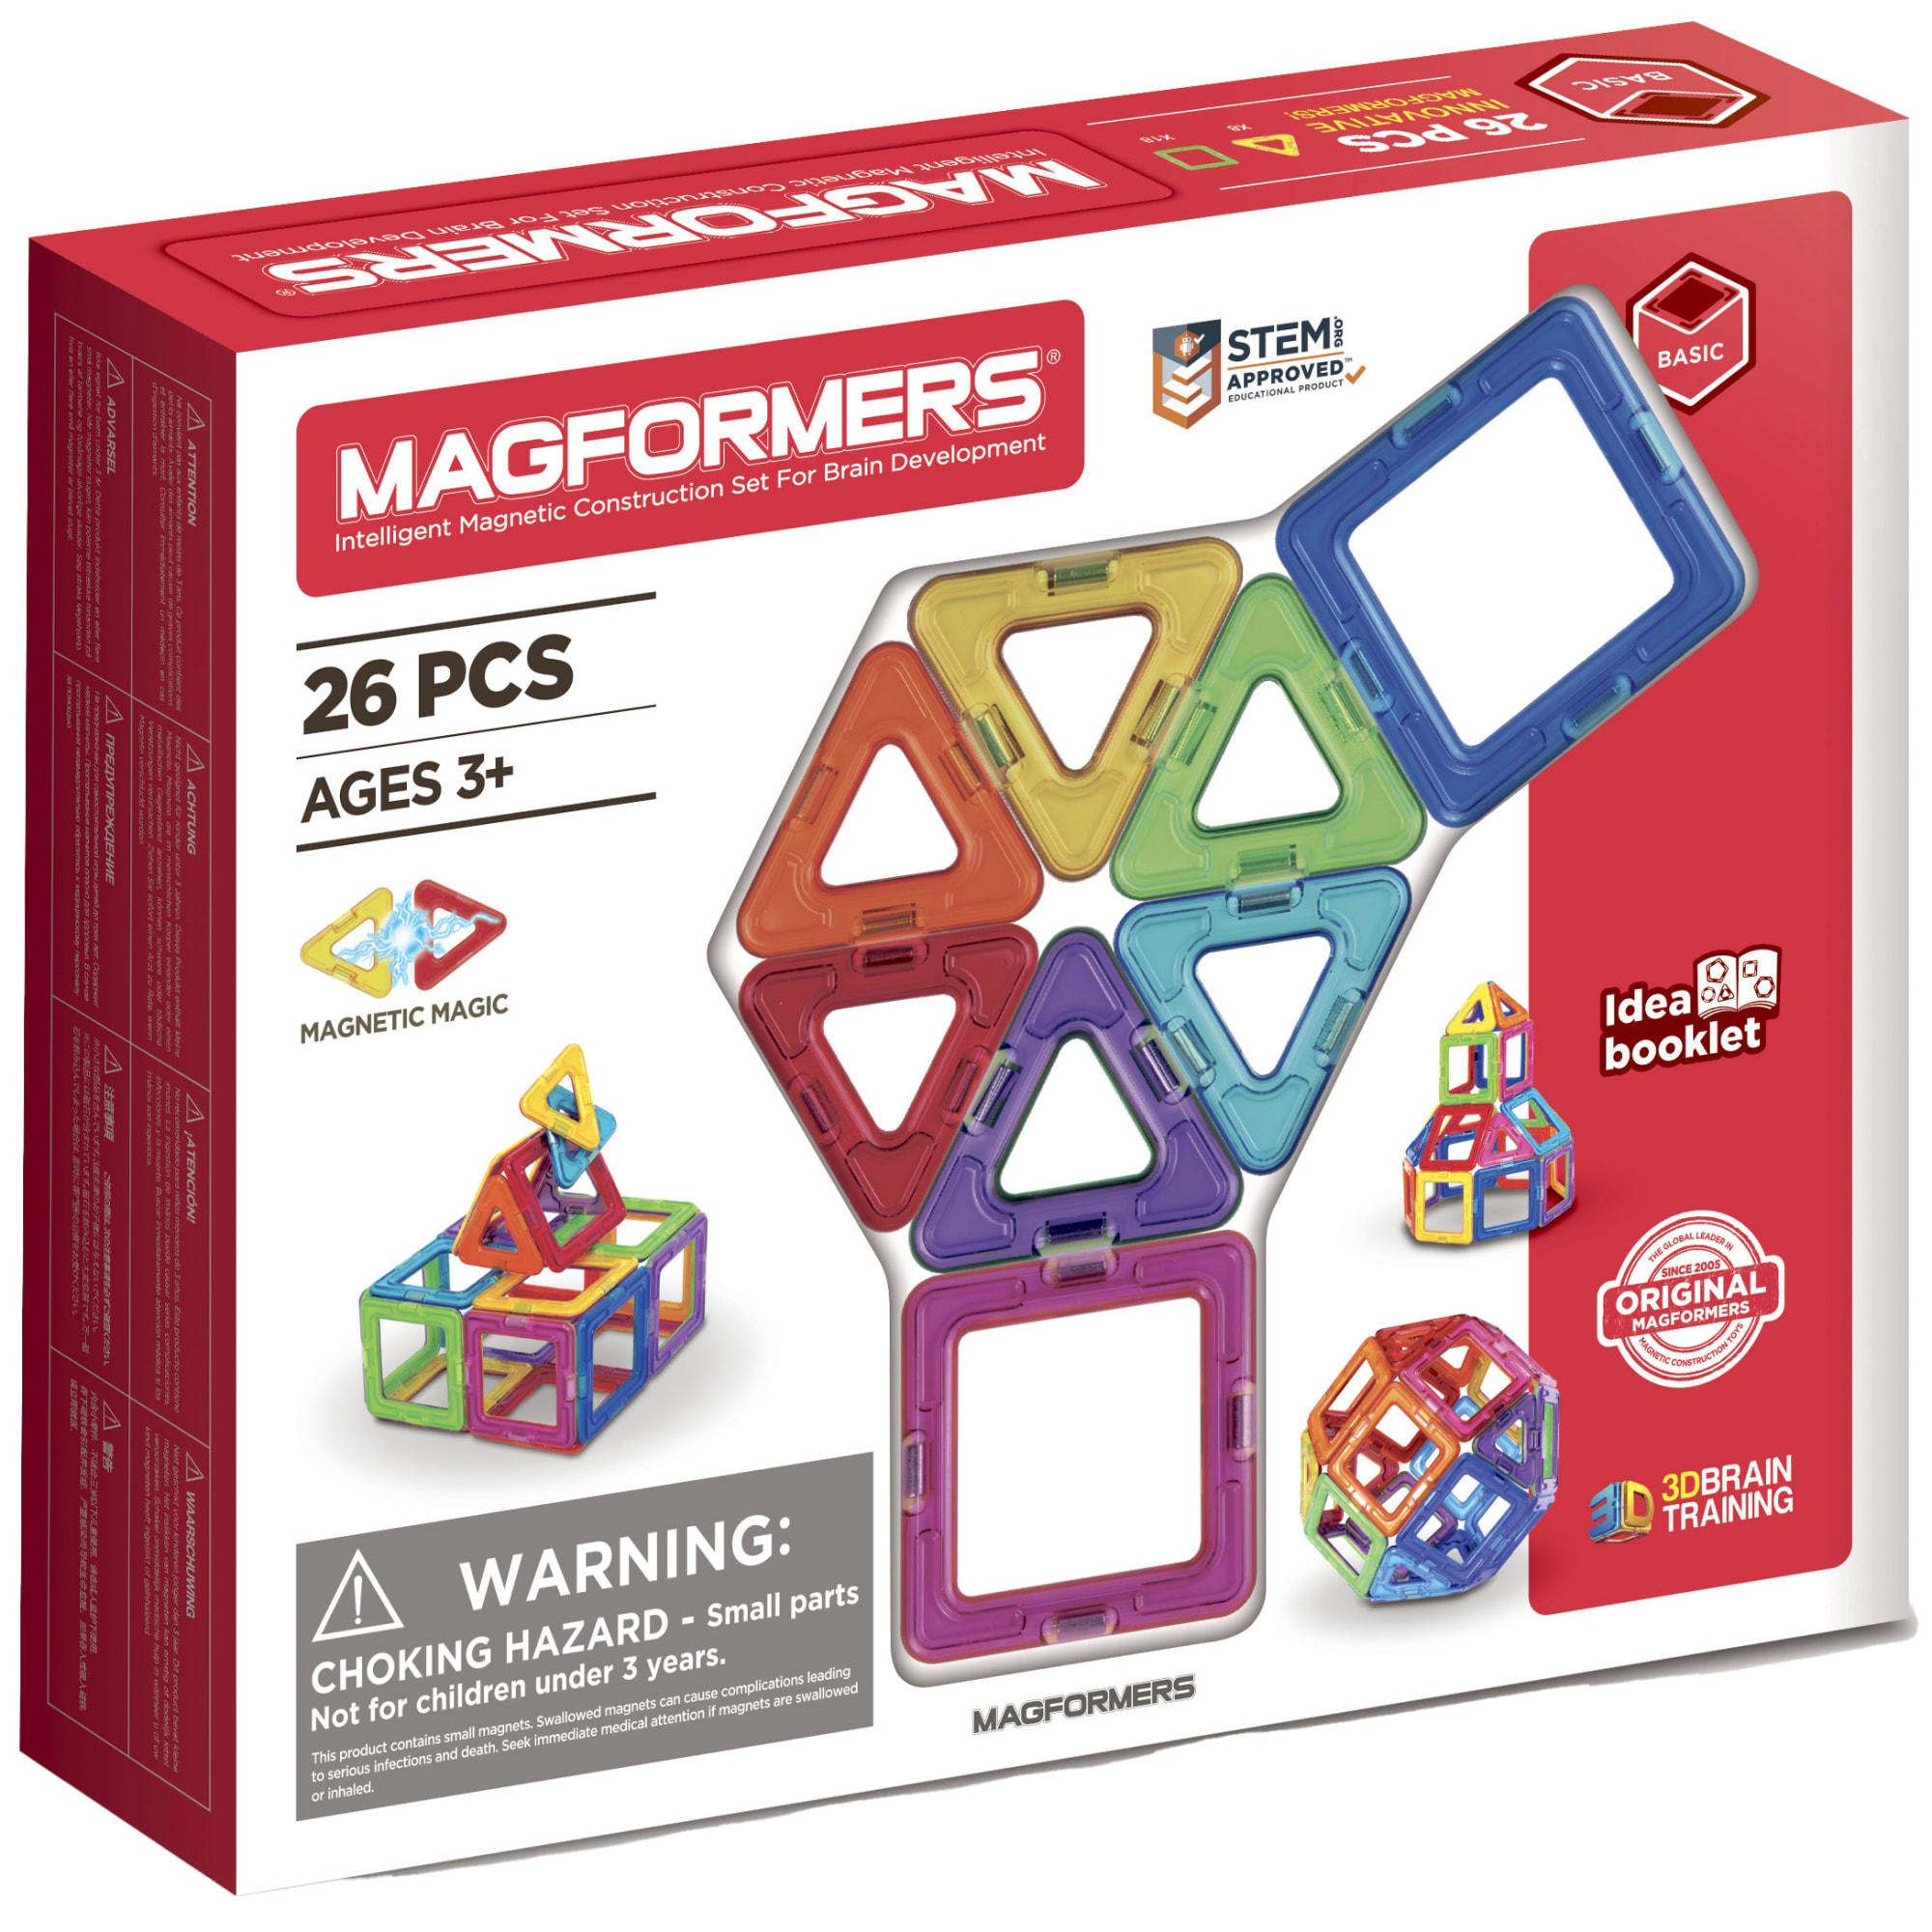 Kreativt magnetisk legetøj - Byg figurer i 3D